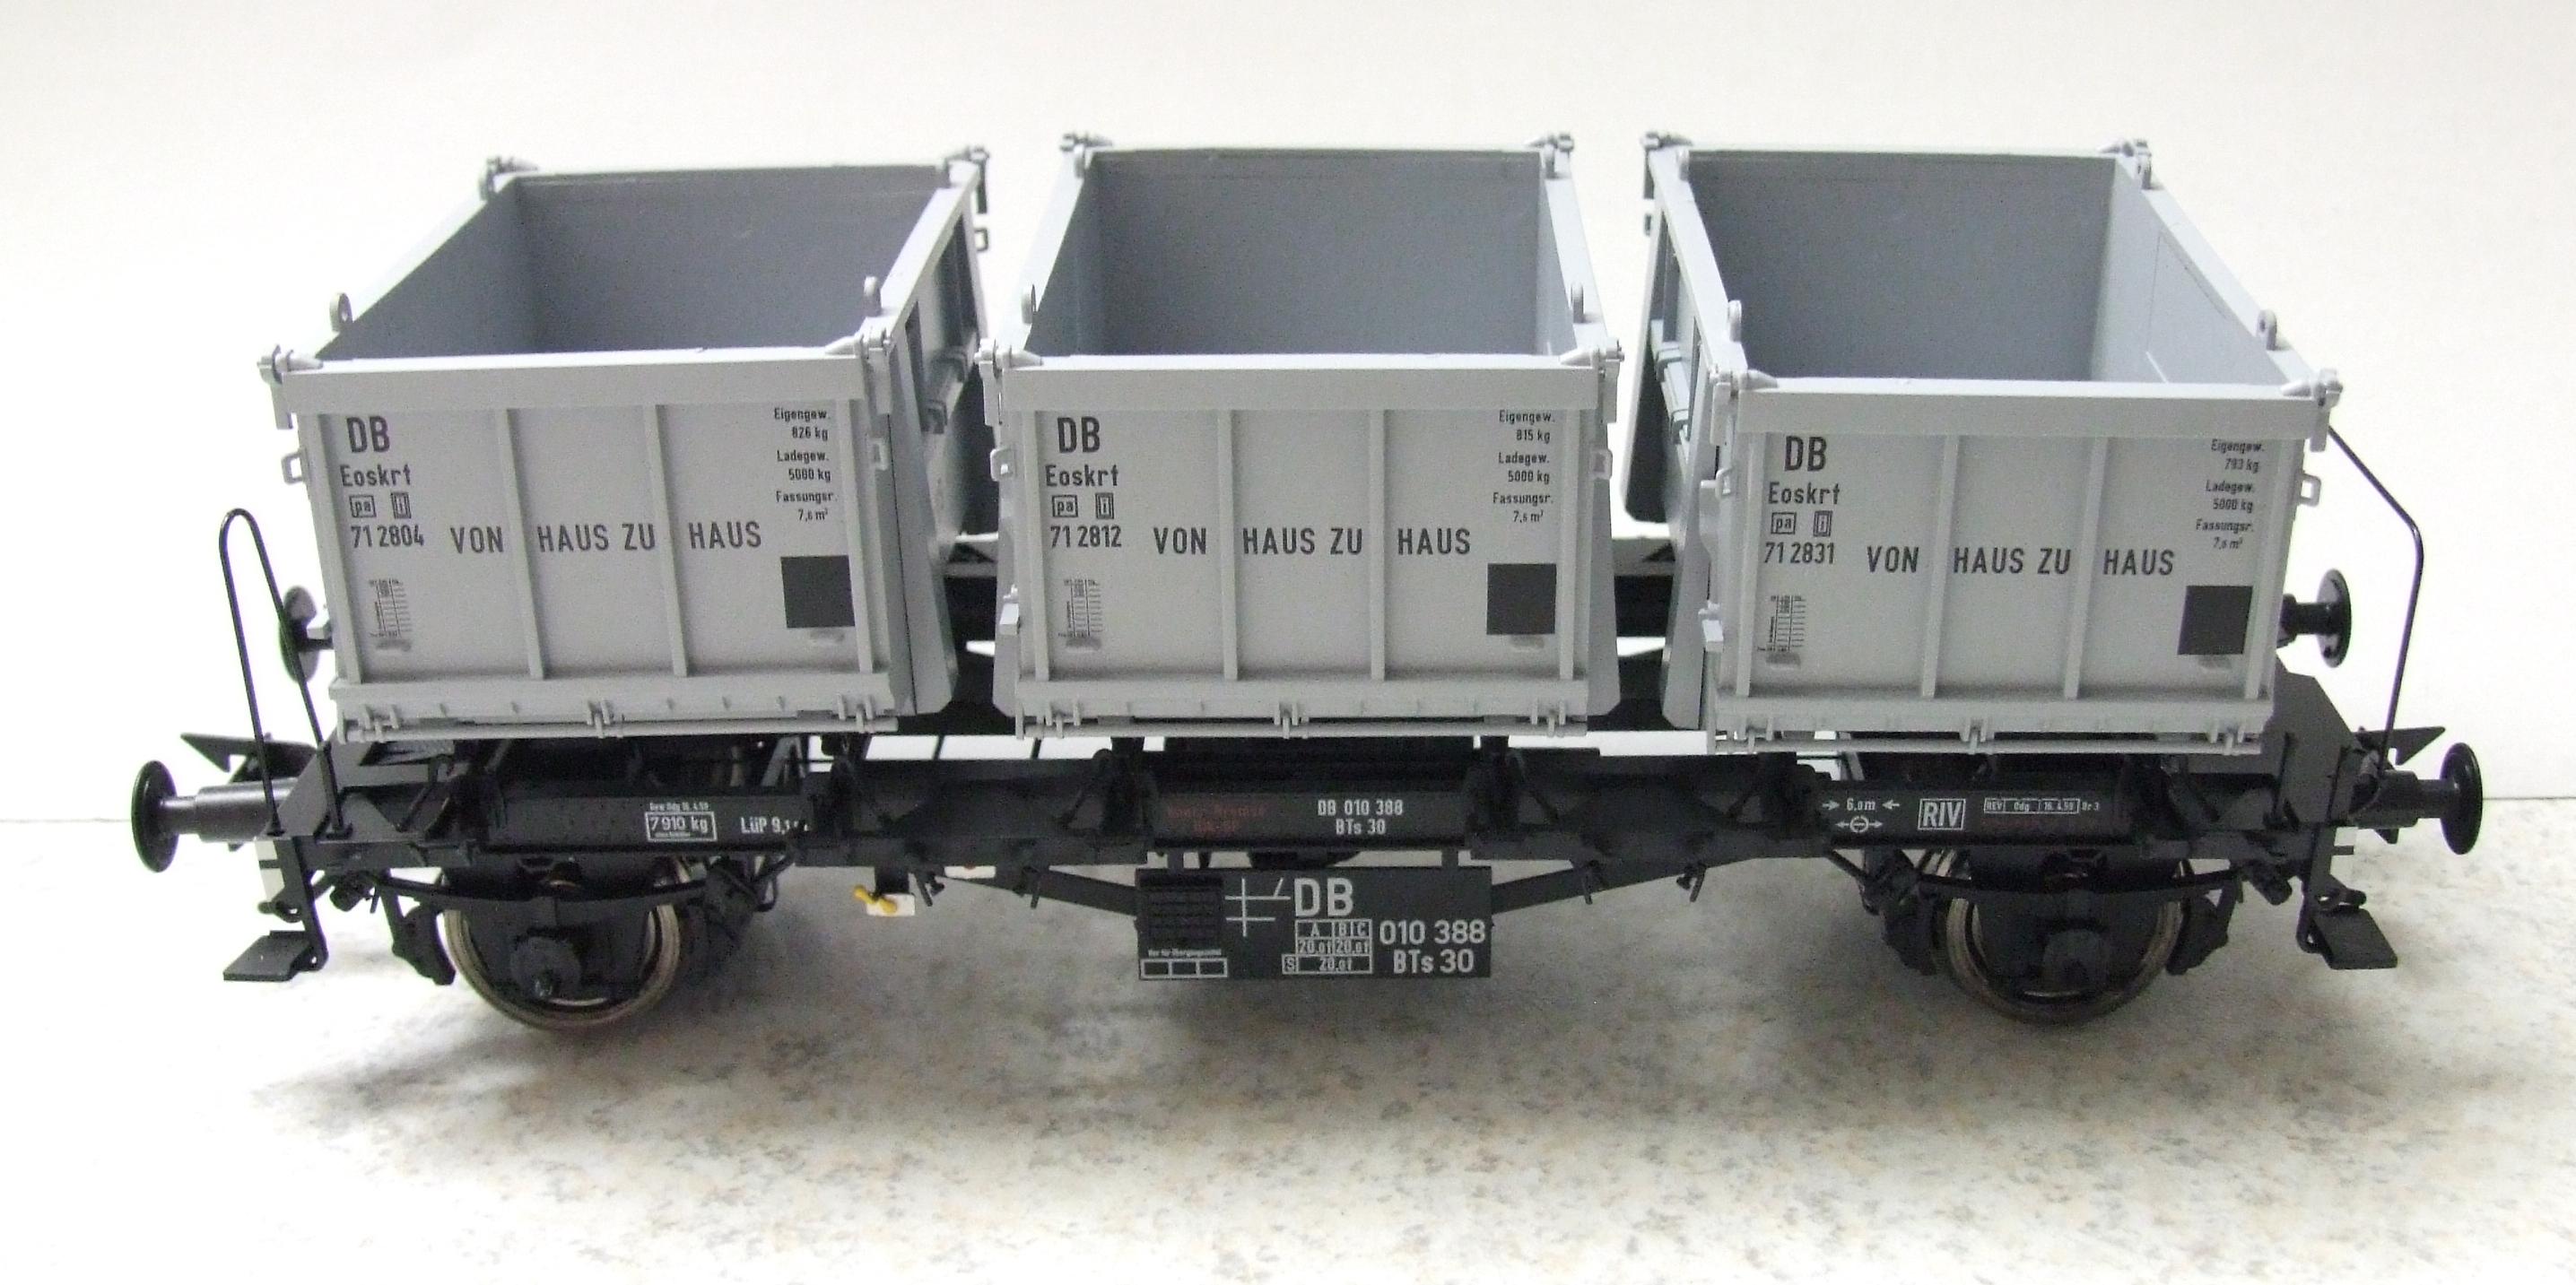 BRAWA 37163 Spur 0 Behälterw.agen BTs30 DB EP III